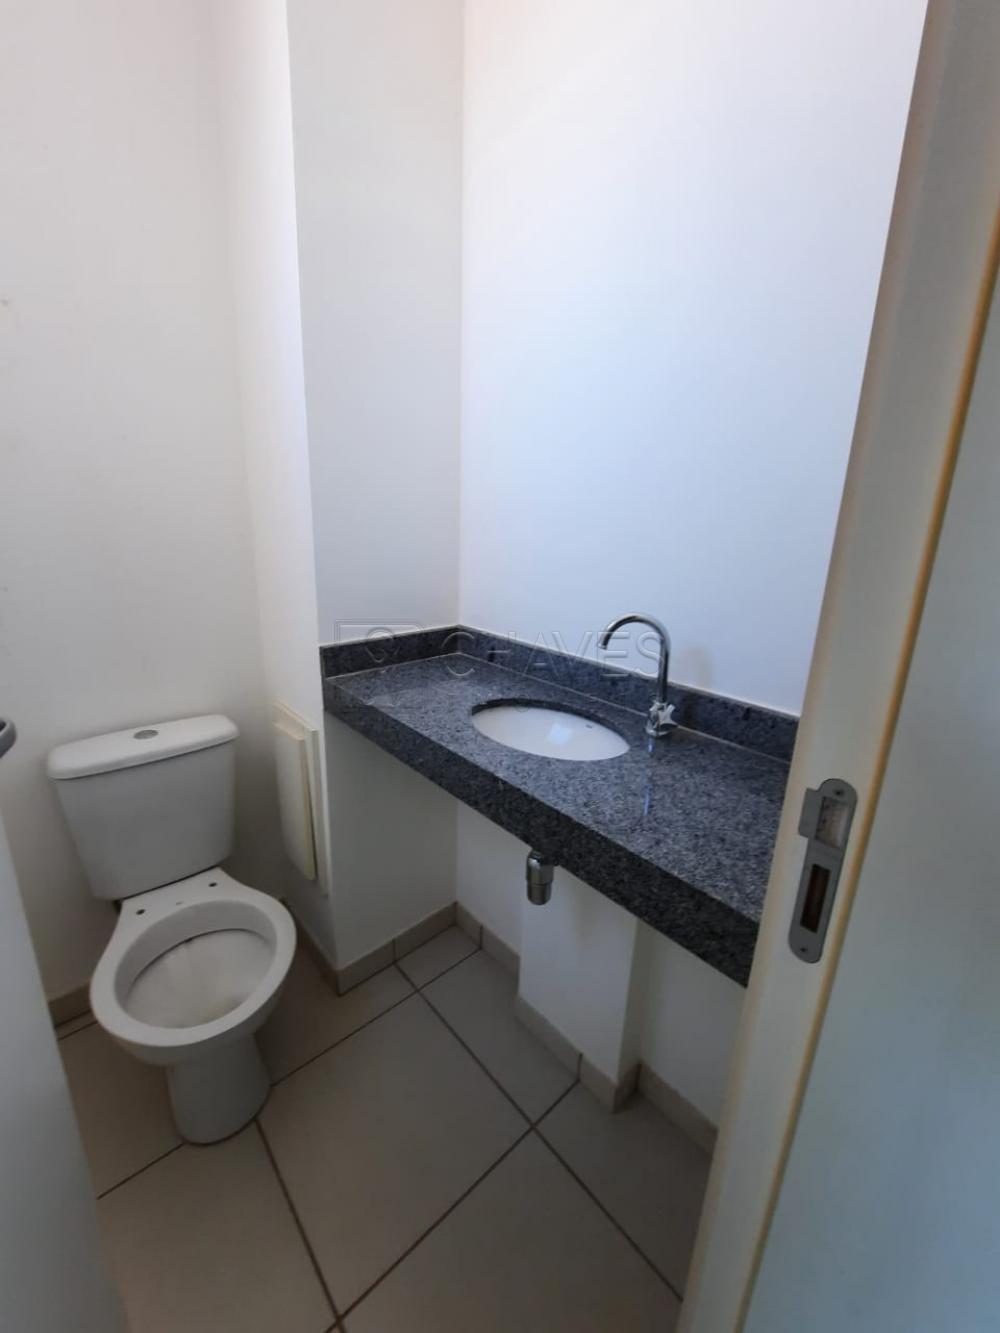 Alugar Comercial / Sala em Condomínio em Ribeirão Preto apenas R$ 1.000,00 - Foto 6